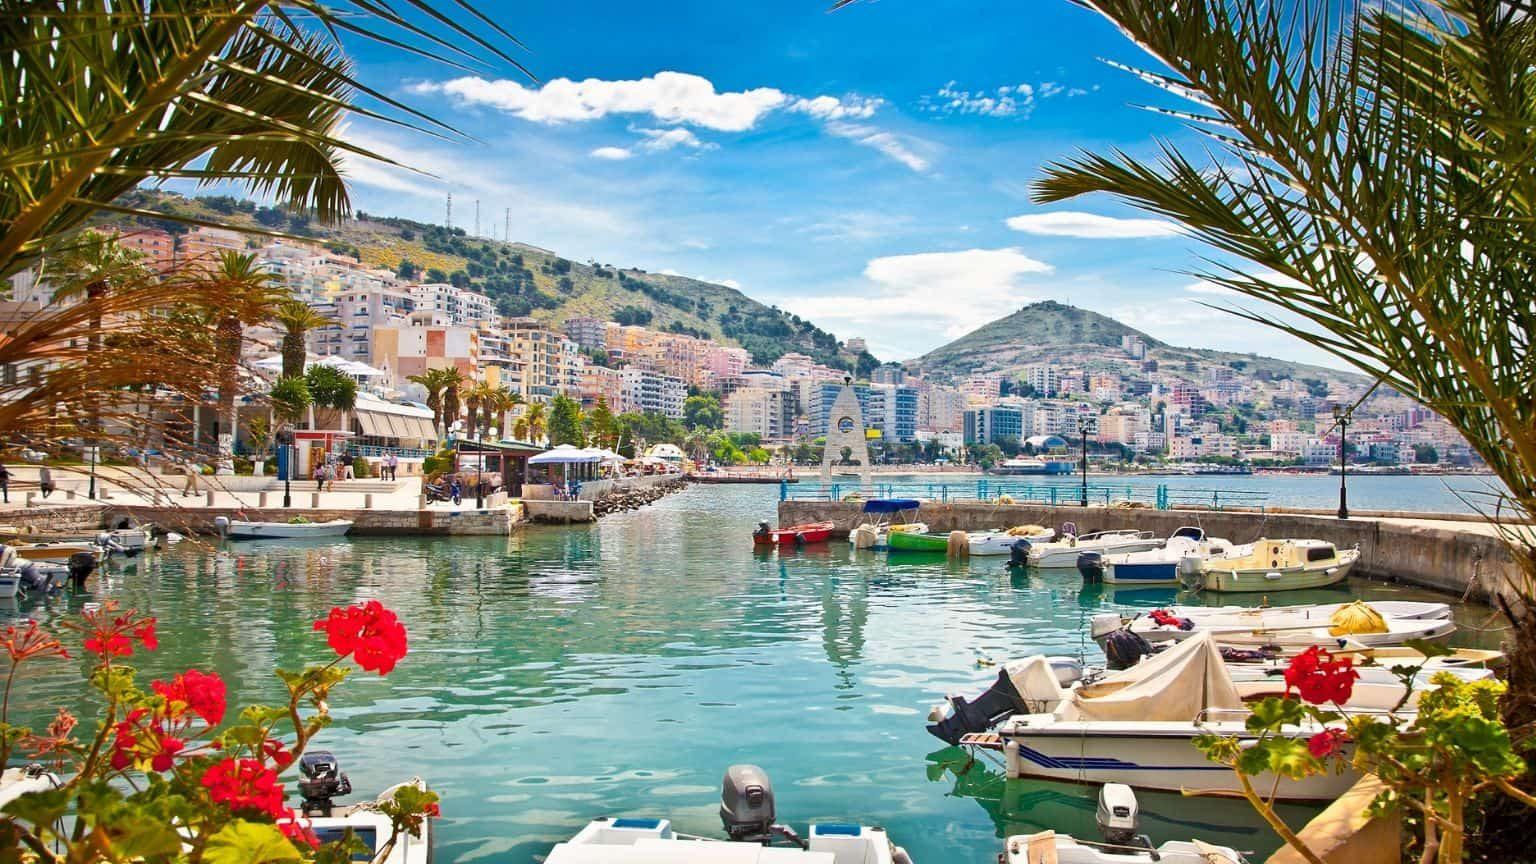 Resort in Albania